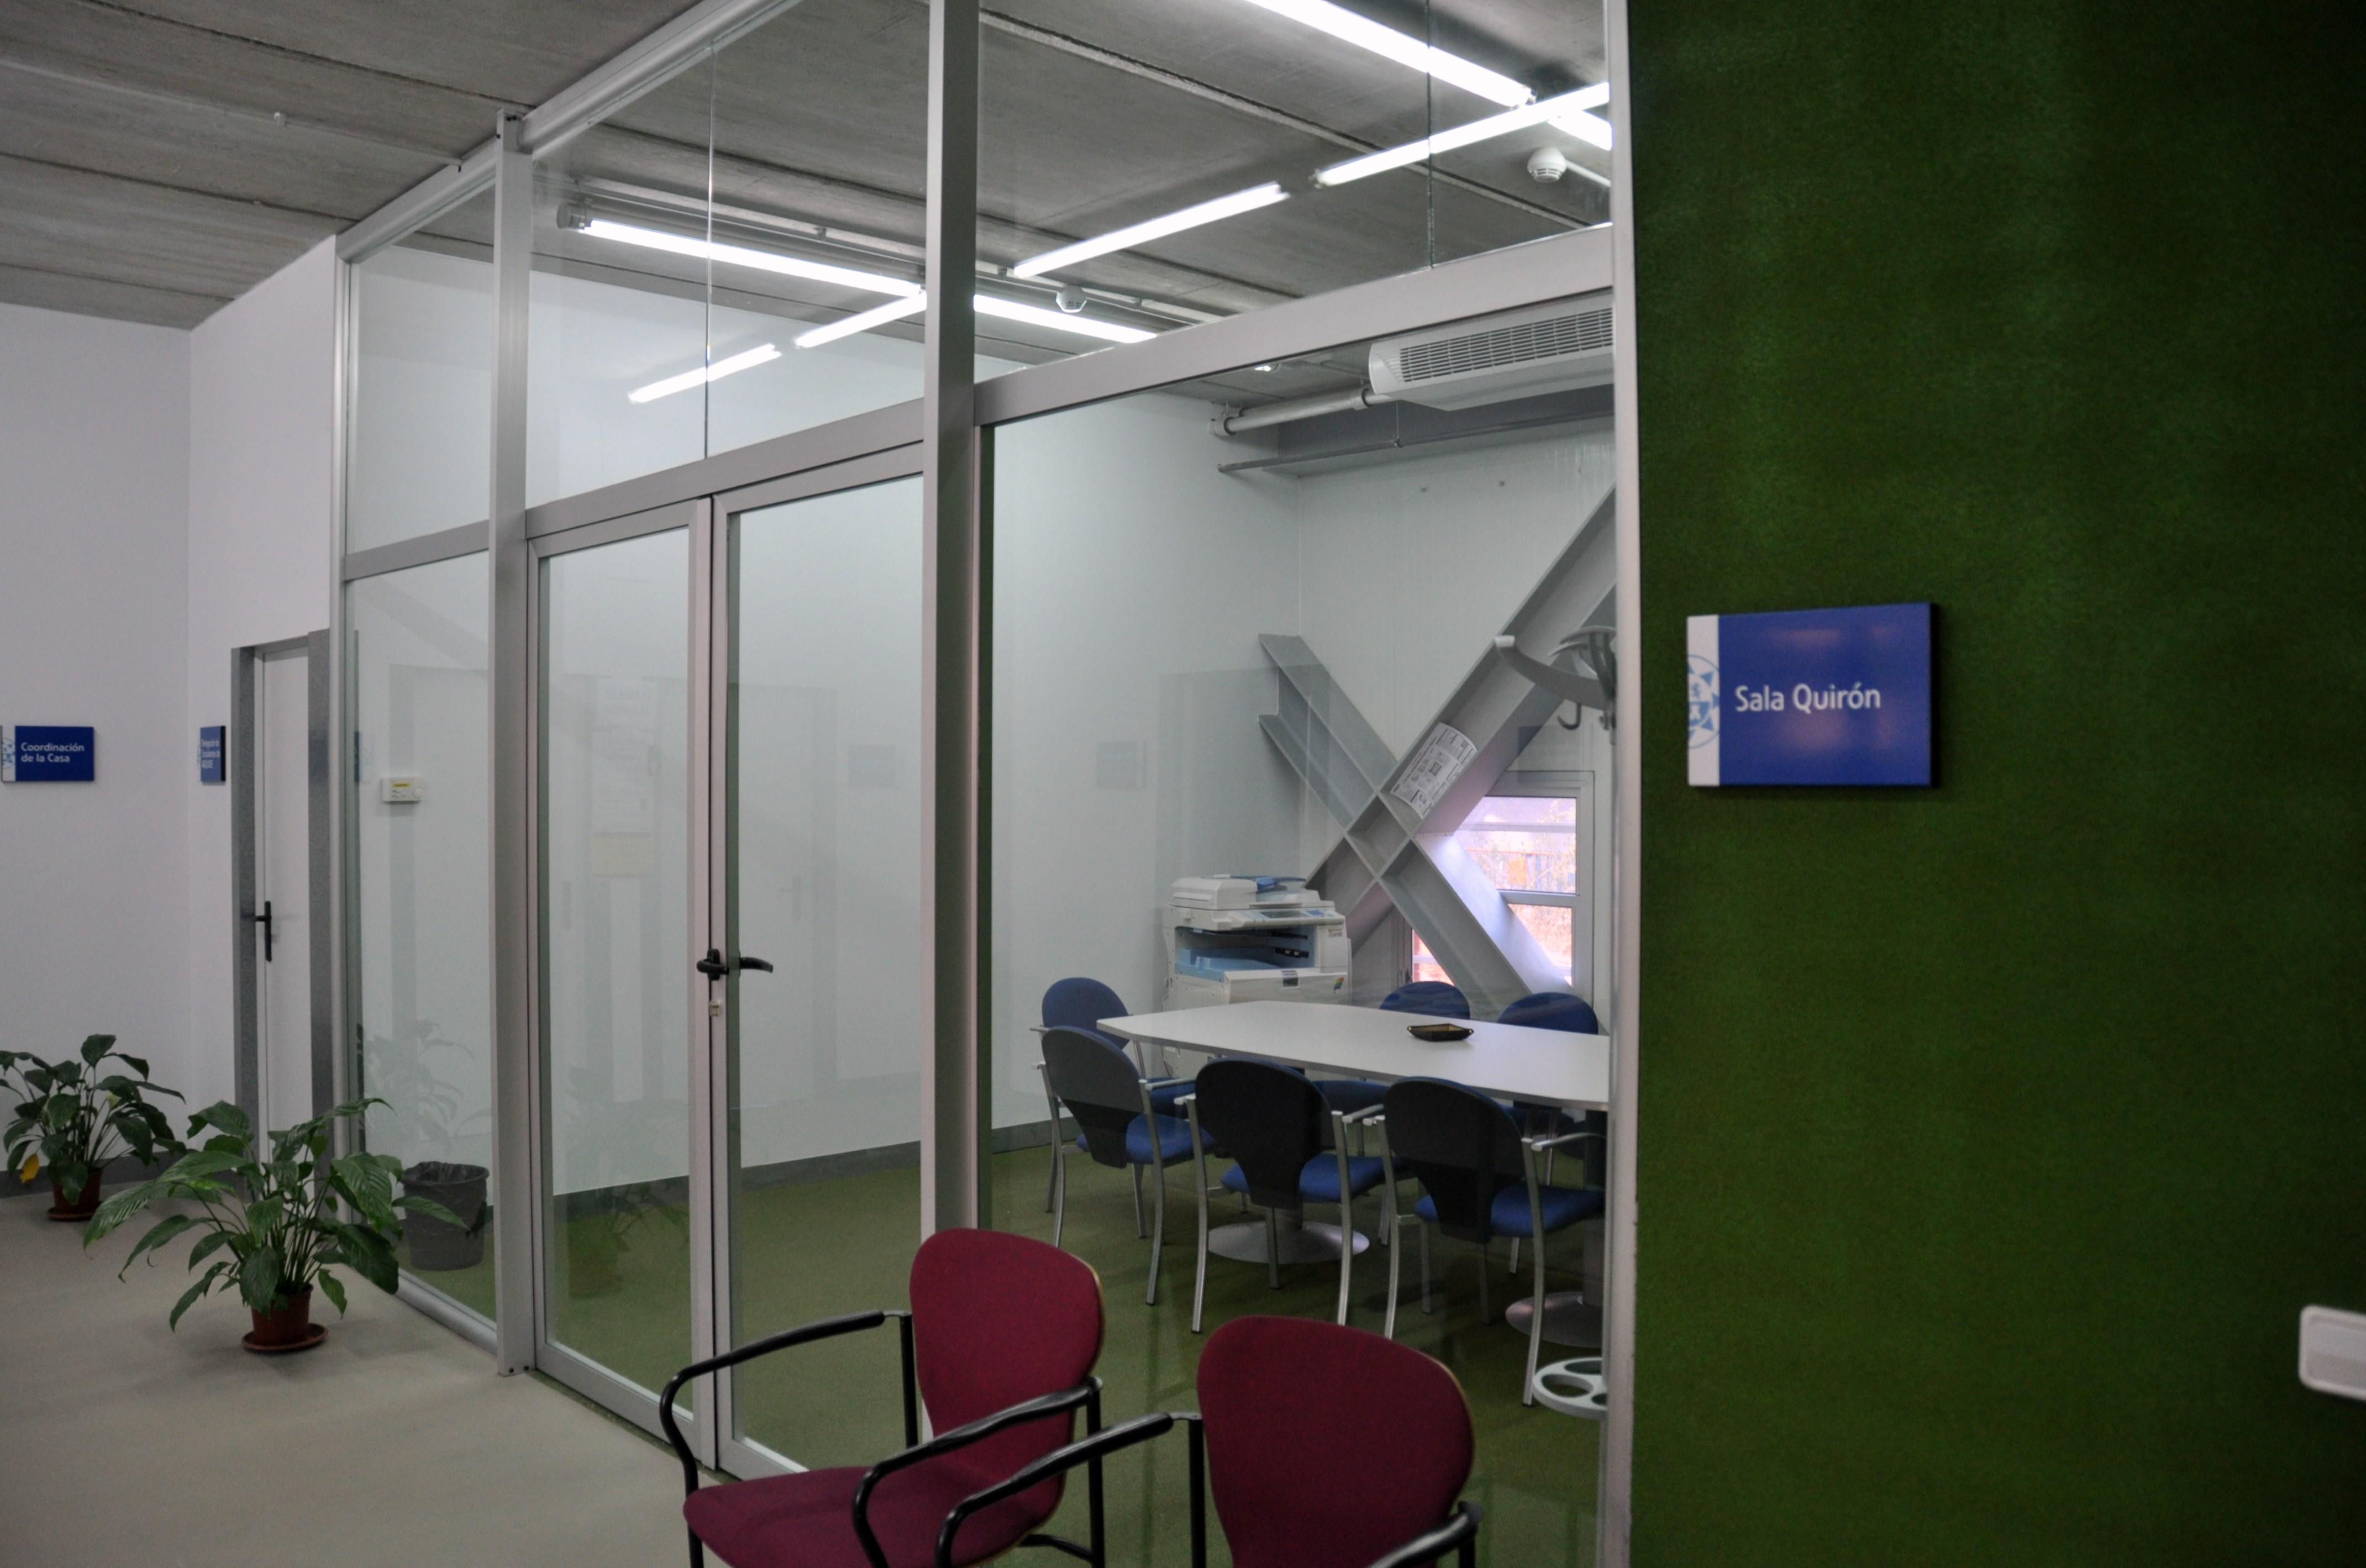 Reserva De La Sala Quirón (sala De Estudio / Trabajo En Grupo)